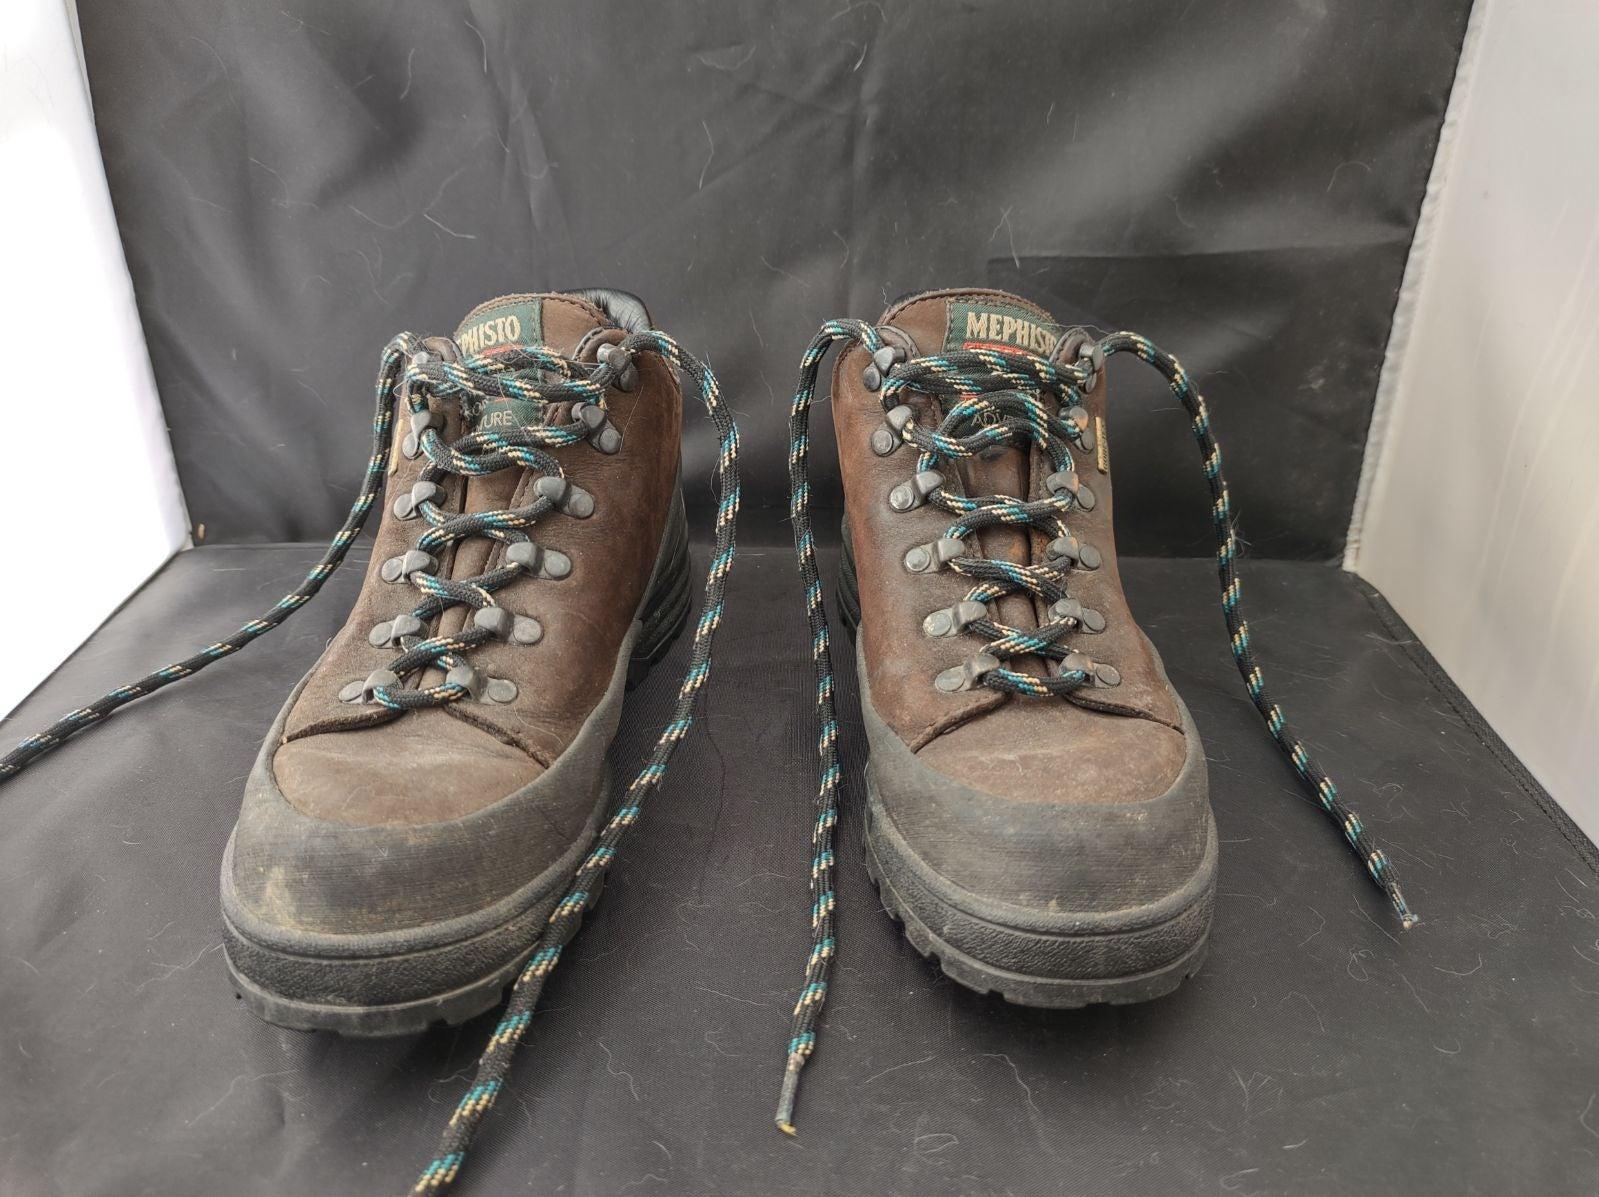 mephisto hiking boots. Women's sz. 7 1/2